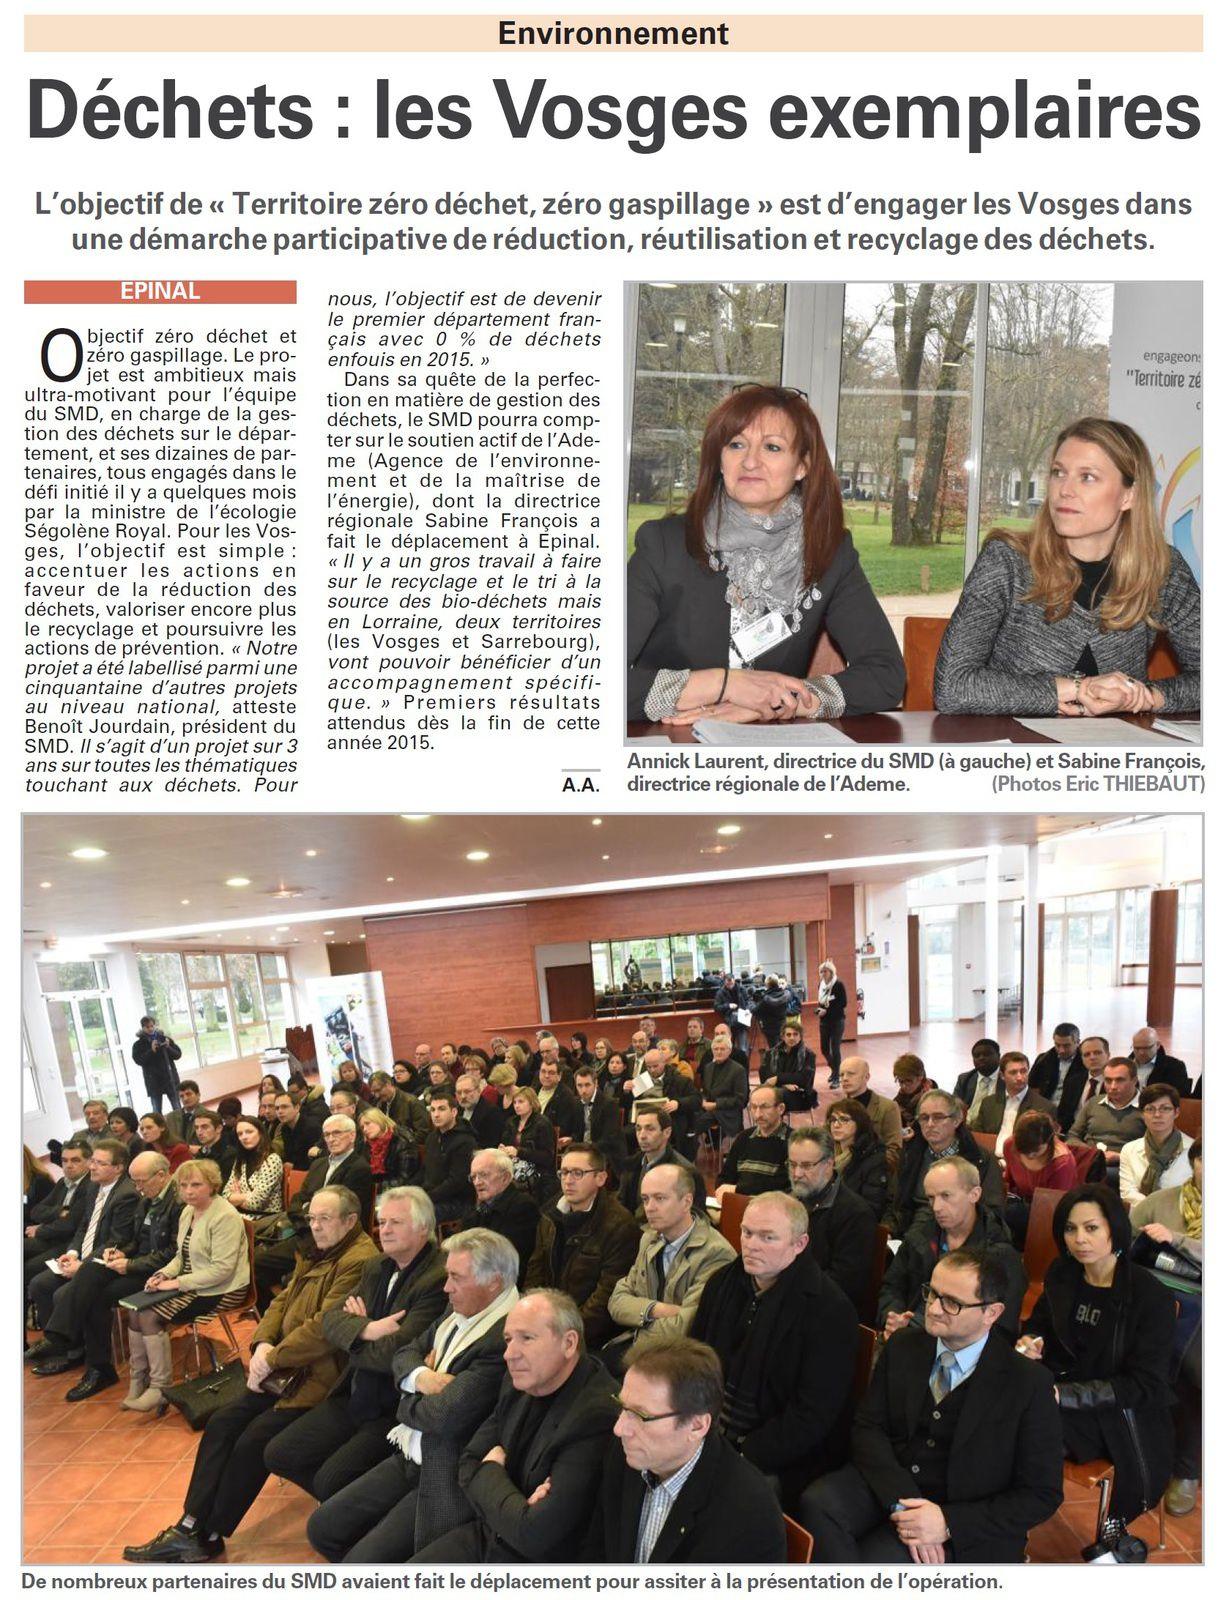 Vosges, SMD : Objectif &quot&#x3B;Territoire zéro déchet, zéro gaspillage&quot&#x3B; (Vosges Matin)